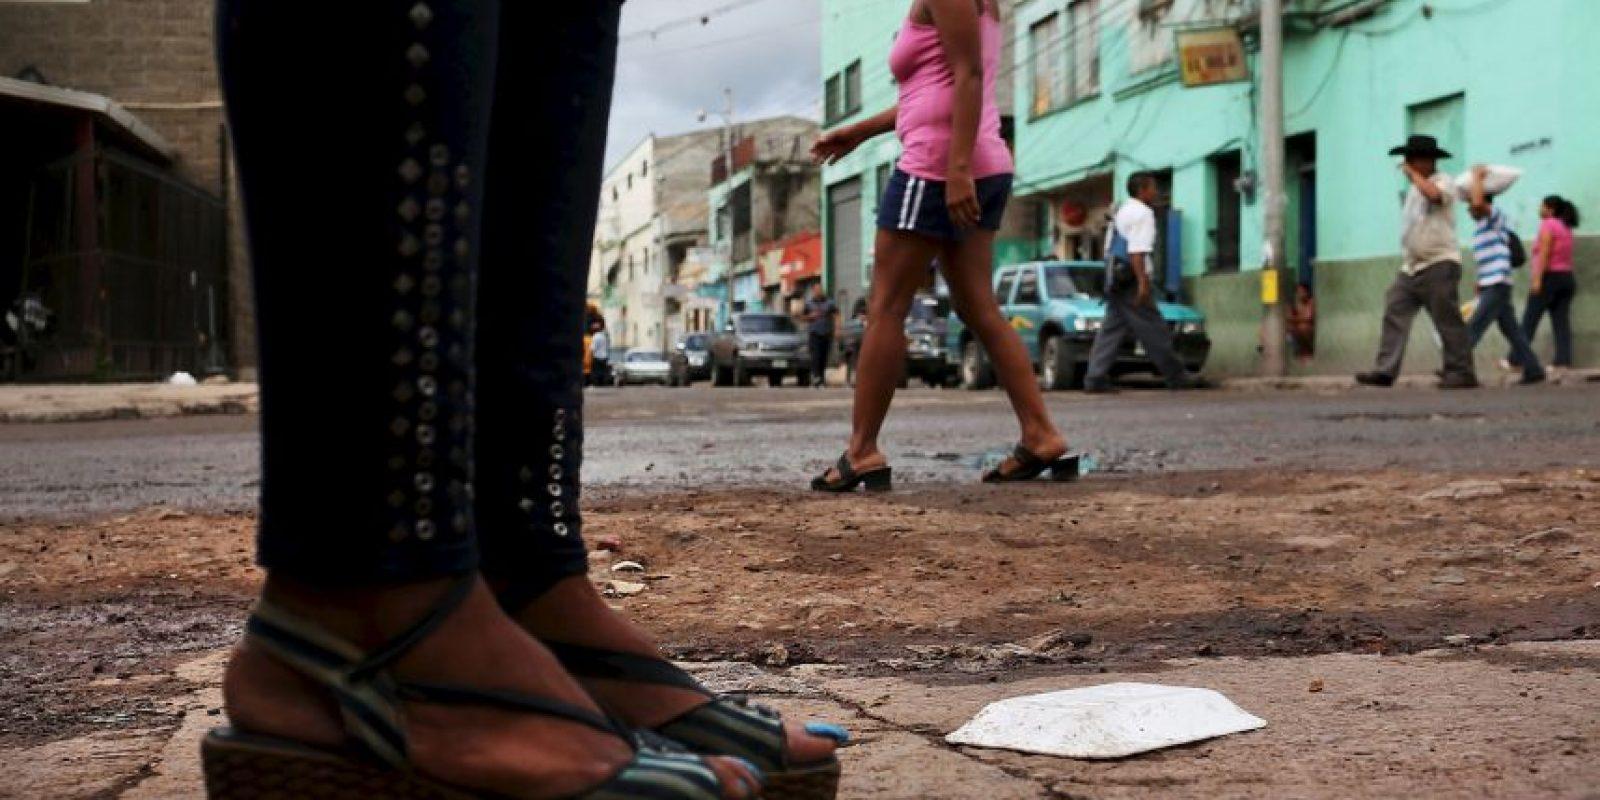 La violencia sexual es cualquier acto sexual, la tentativa de consumar un acto sexual u otro acto dirigido contra la sexualidad de una persona mediante coacción por otra persona, independientemente de su relación con la víctima, en cualquier ámbito. Foto:Getty Images